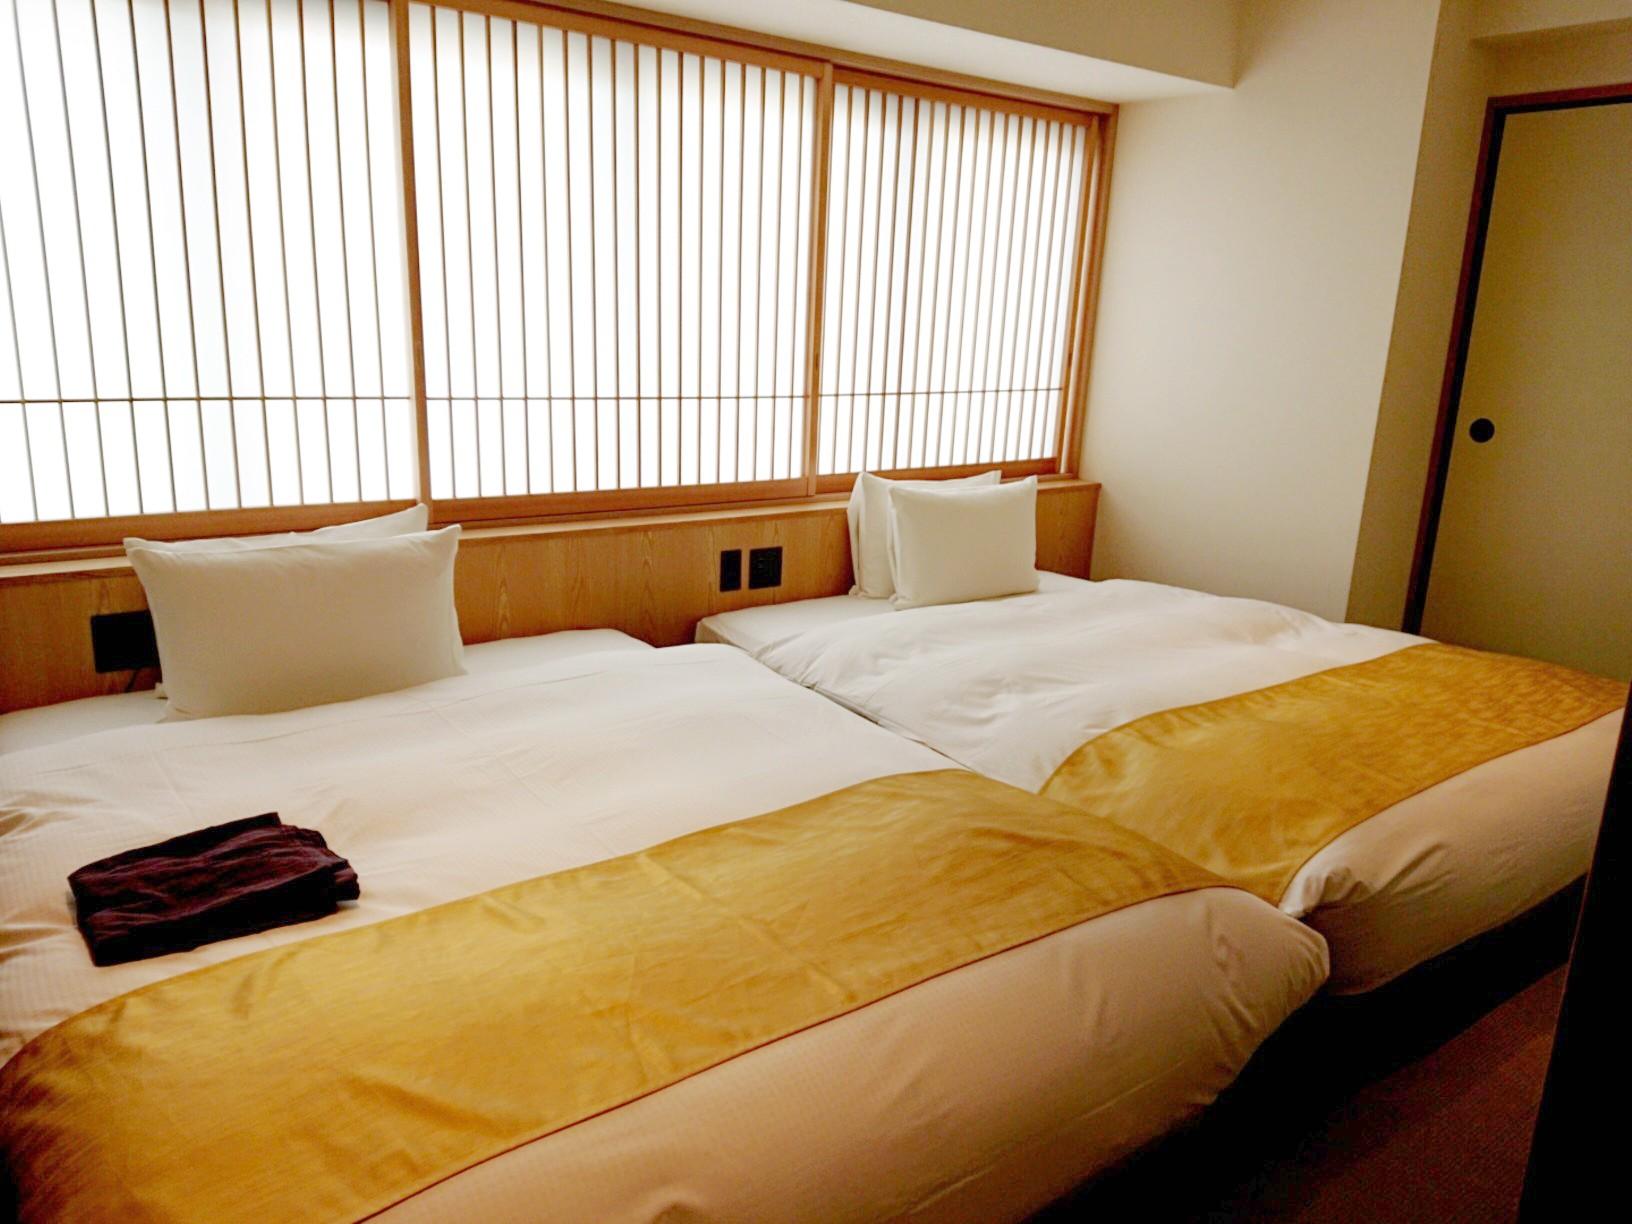 プロスタイル旅館部屋